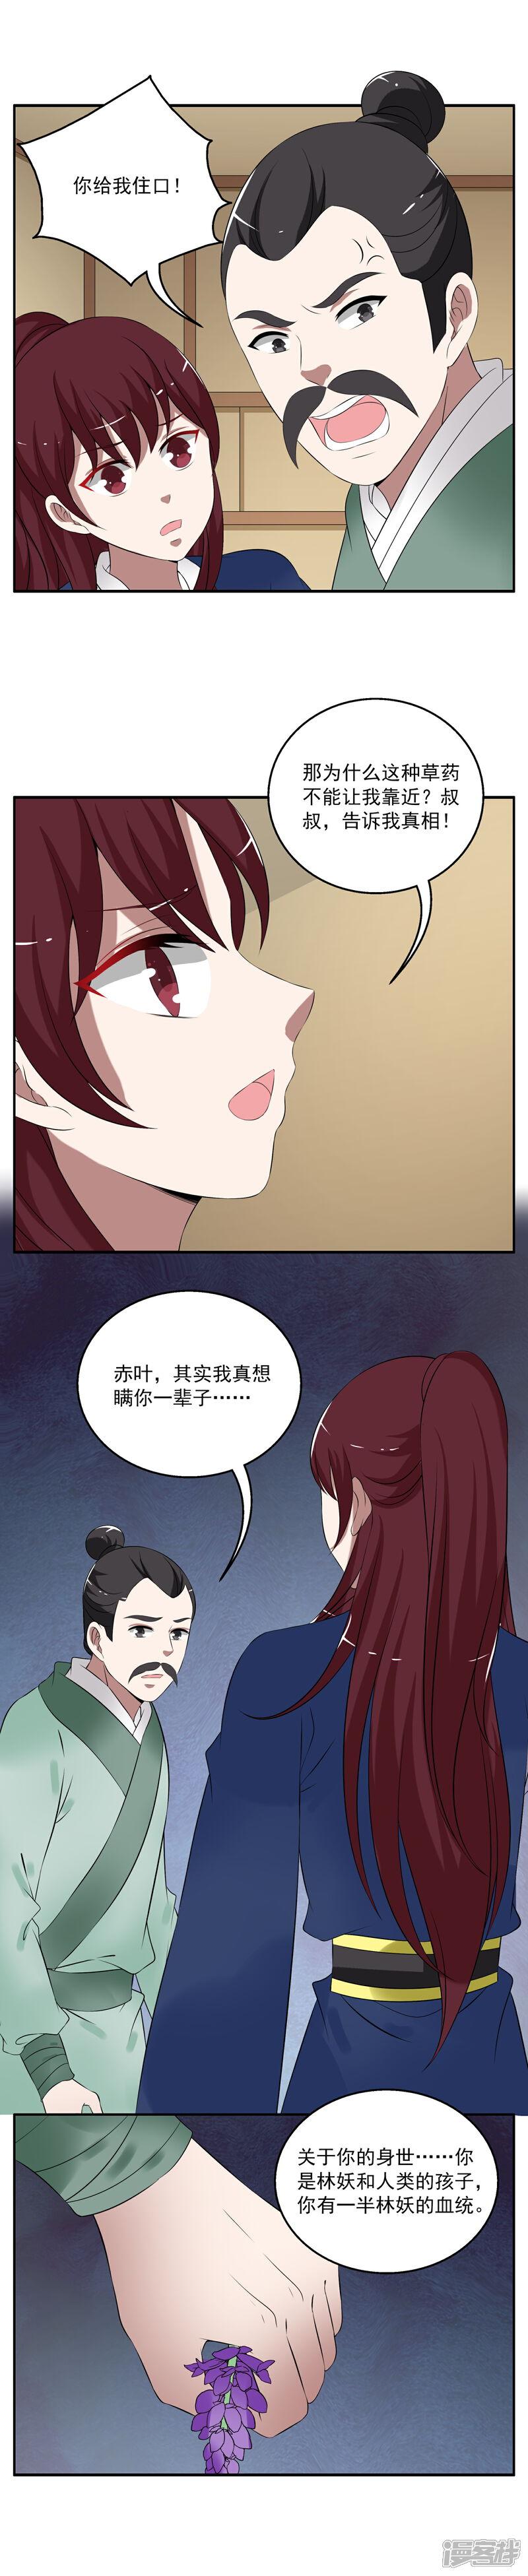 洛小妖185 (3).JPG